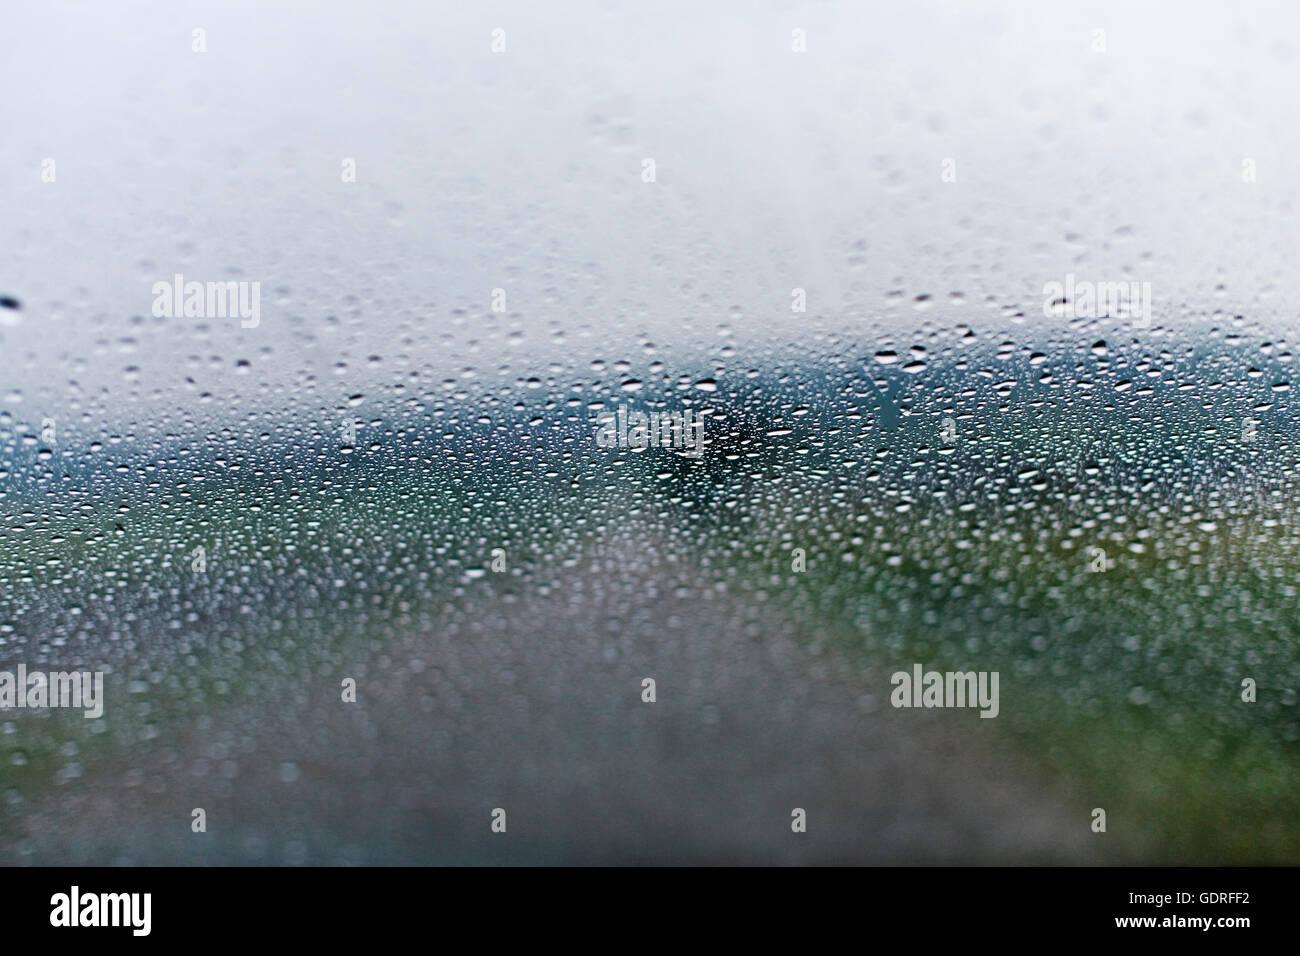 Las gotas de lluvia sobre un cristal de coche Imagen De Stock